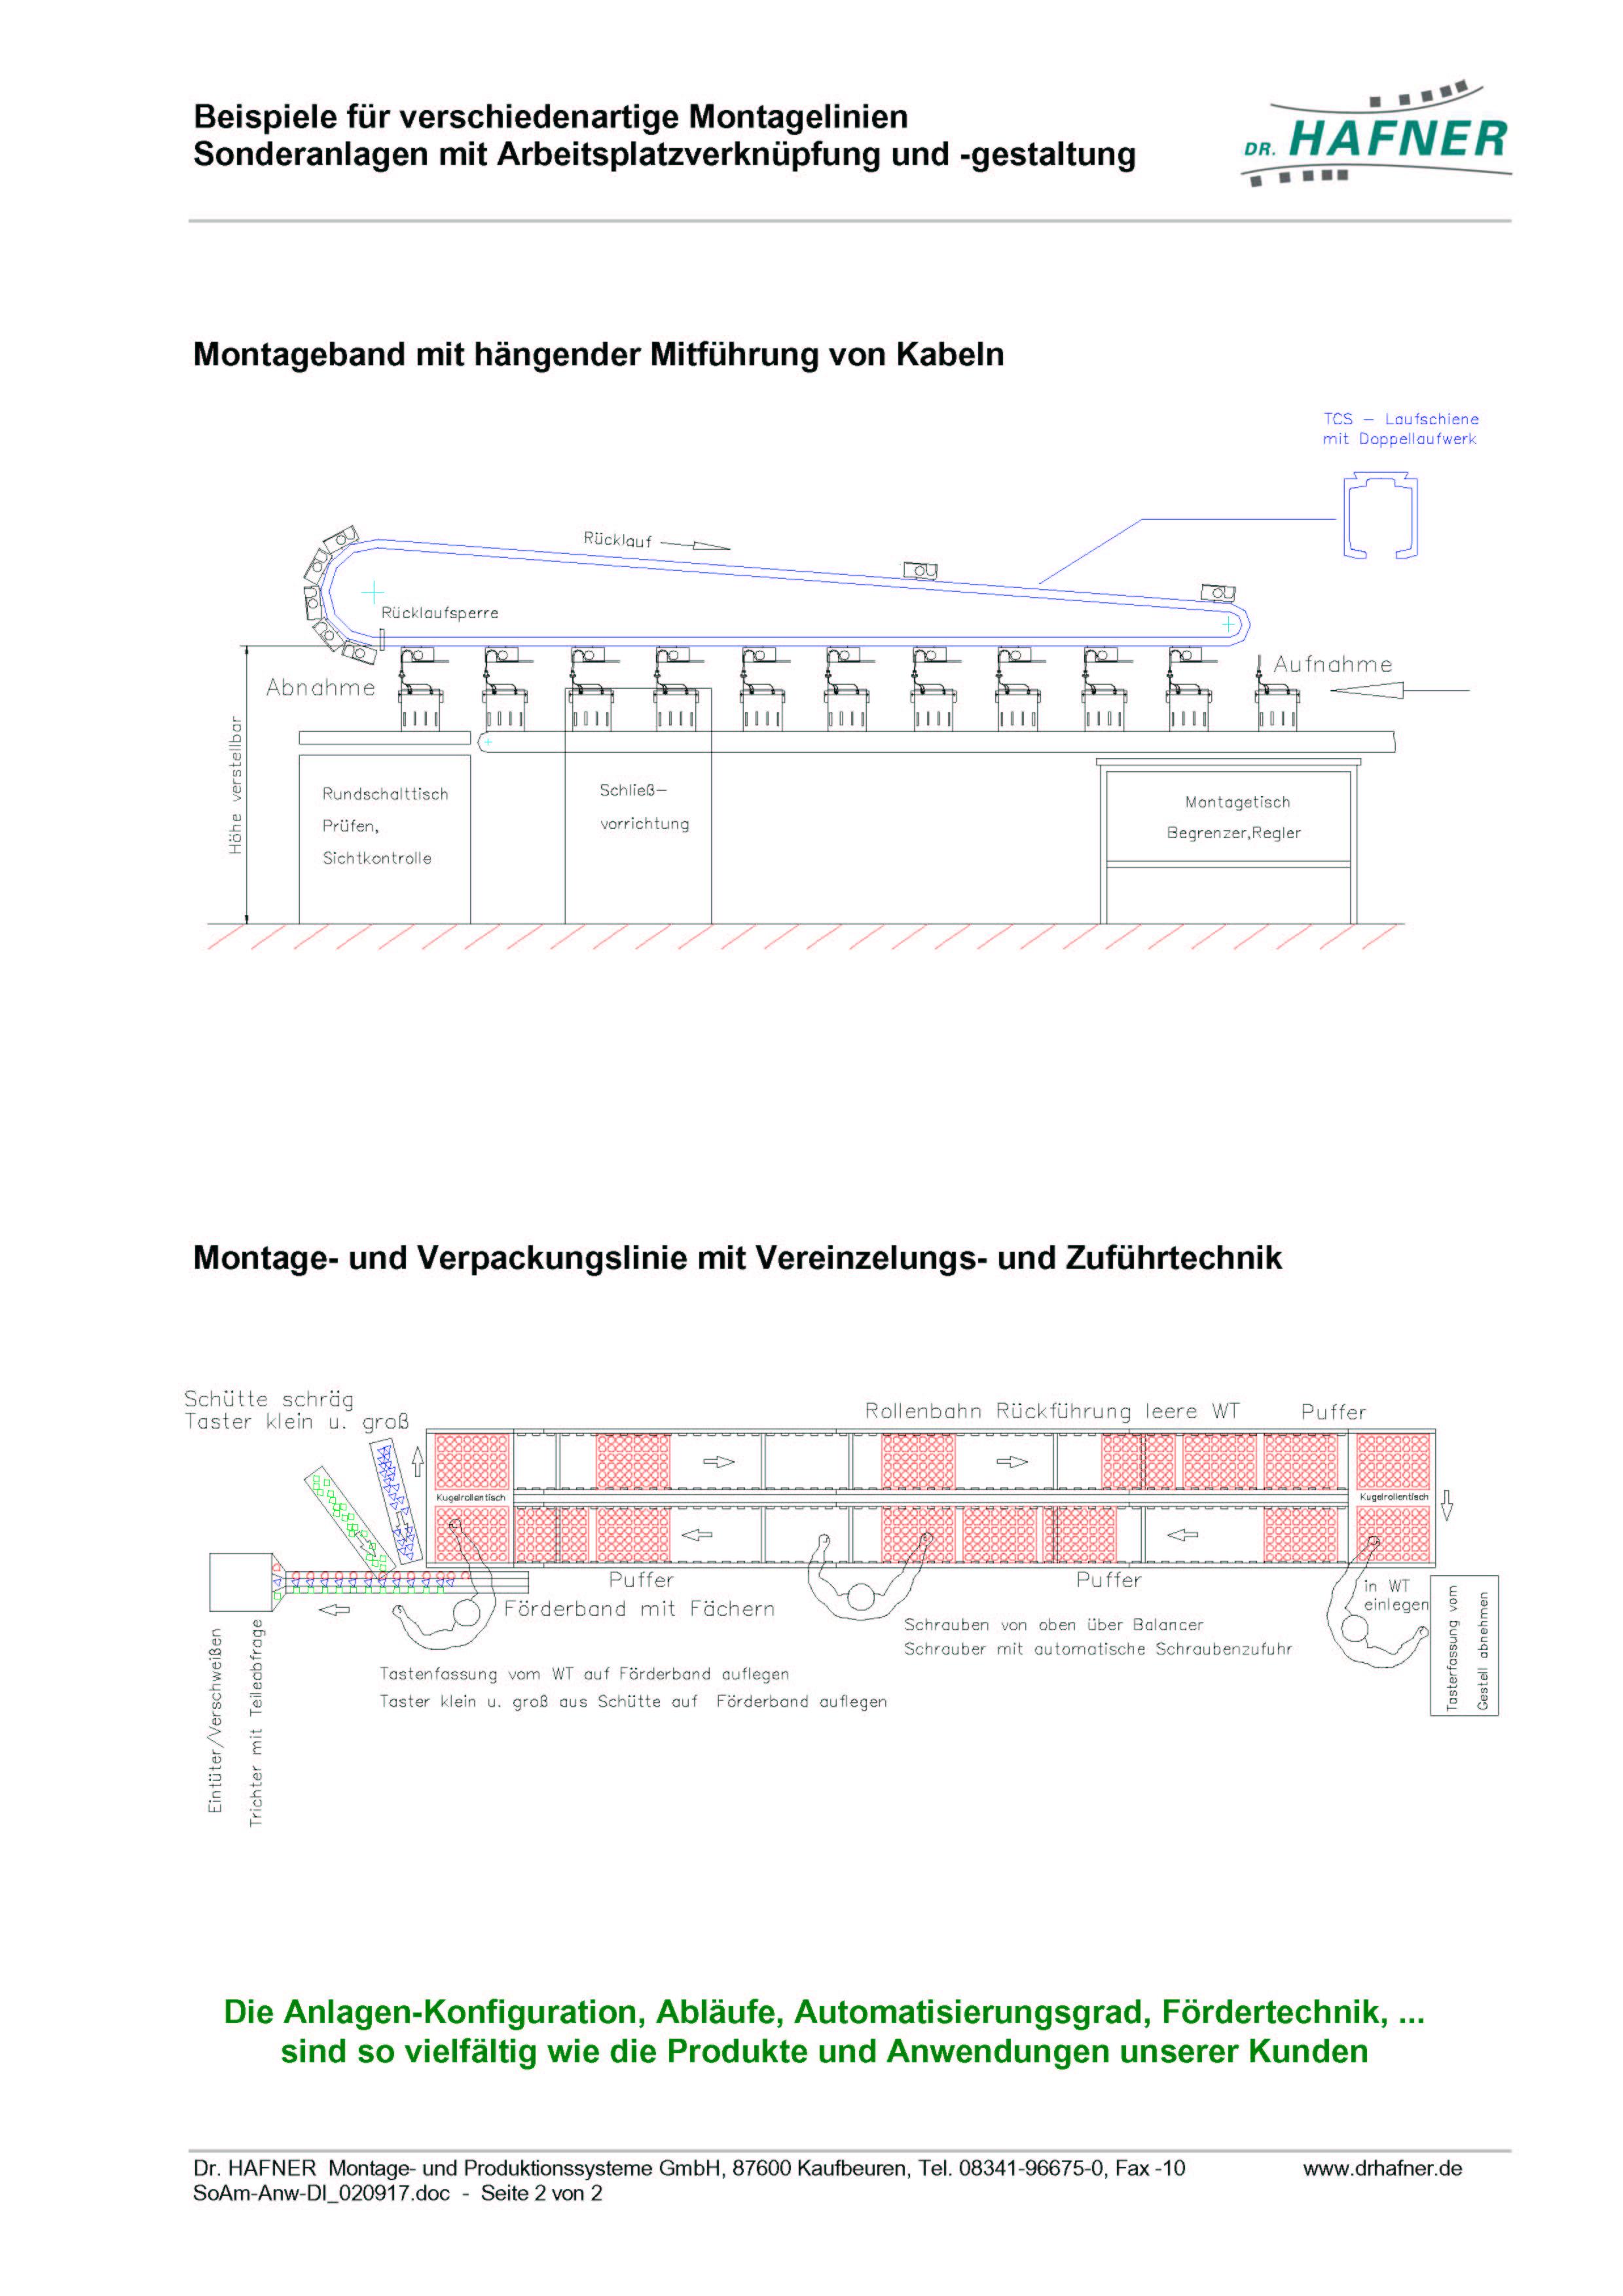 Dr. HAFNER_PKWP_55 Layout Montagelinie Verpackung